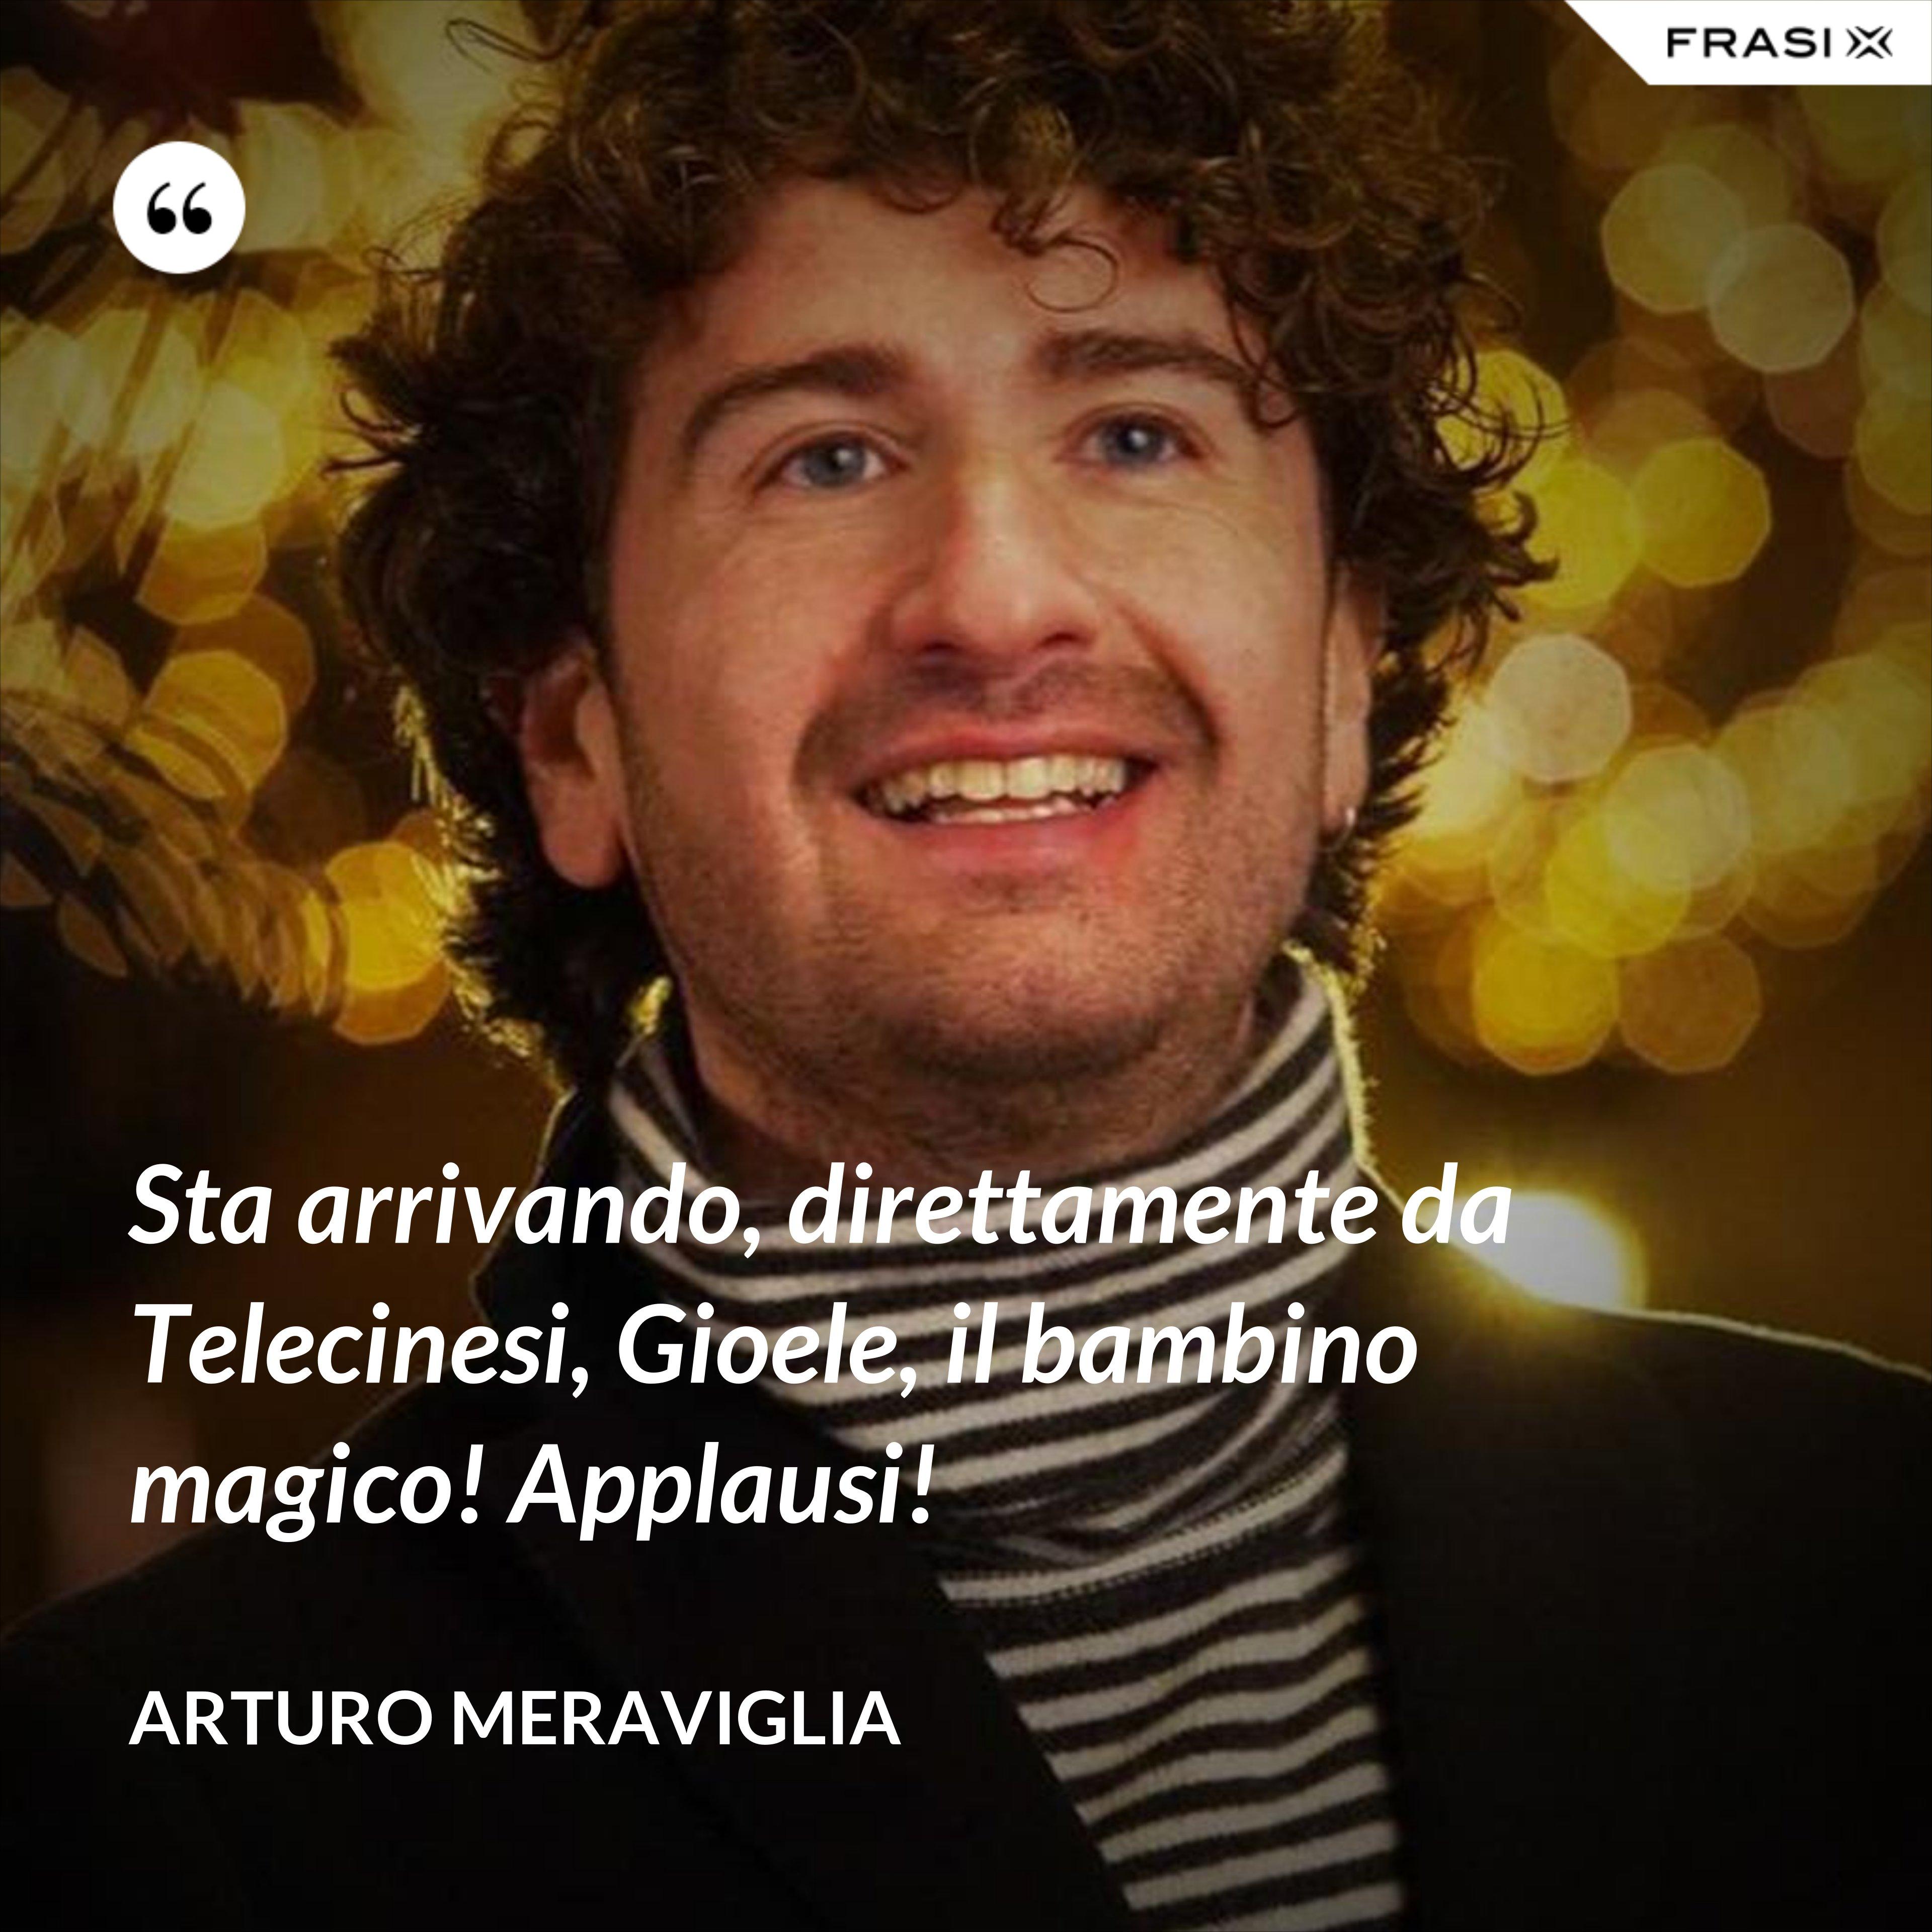 Sta arrivando, direttamente da Telecinesi, Gioele, il bambino magico! Applausi! - Arturo Meraviglia